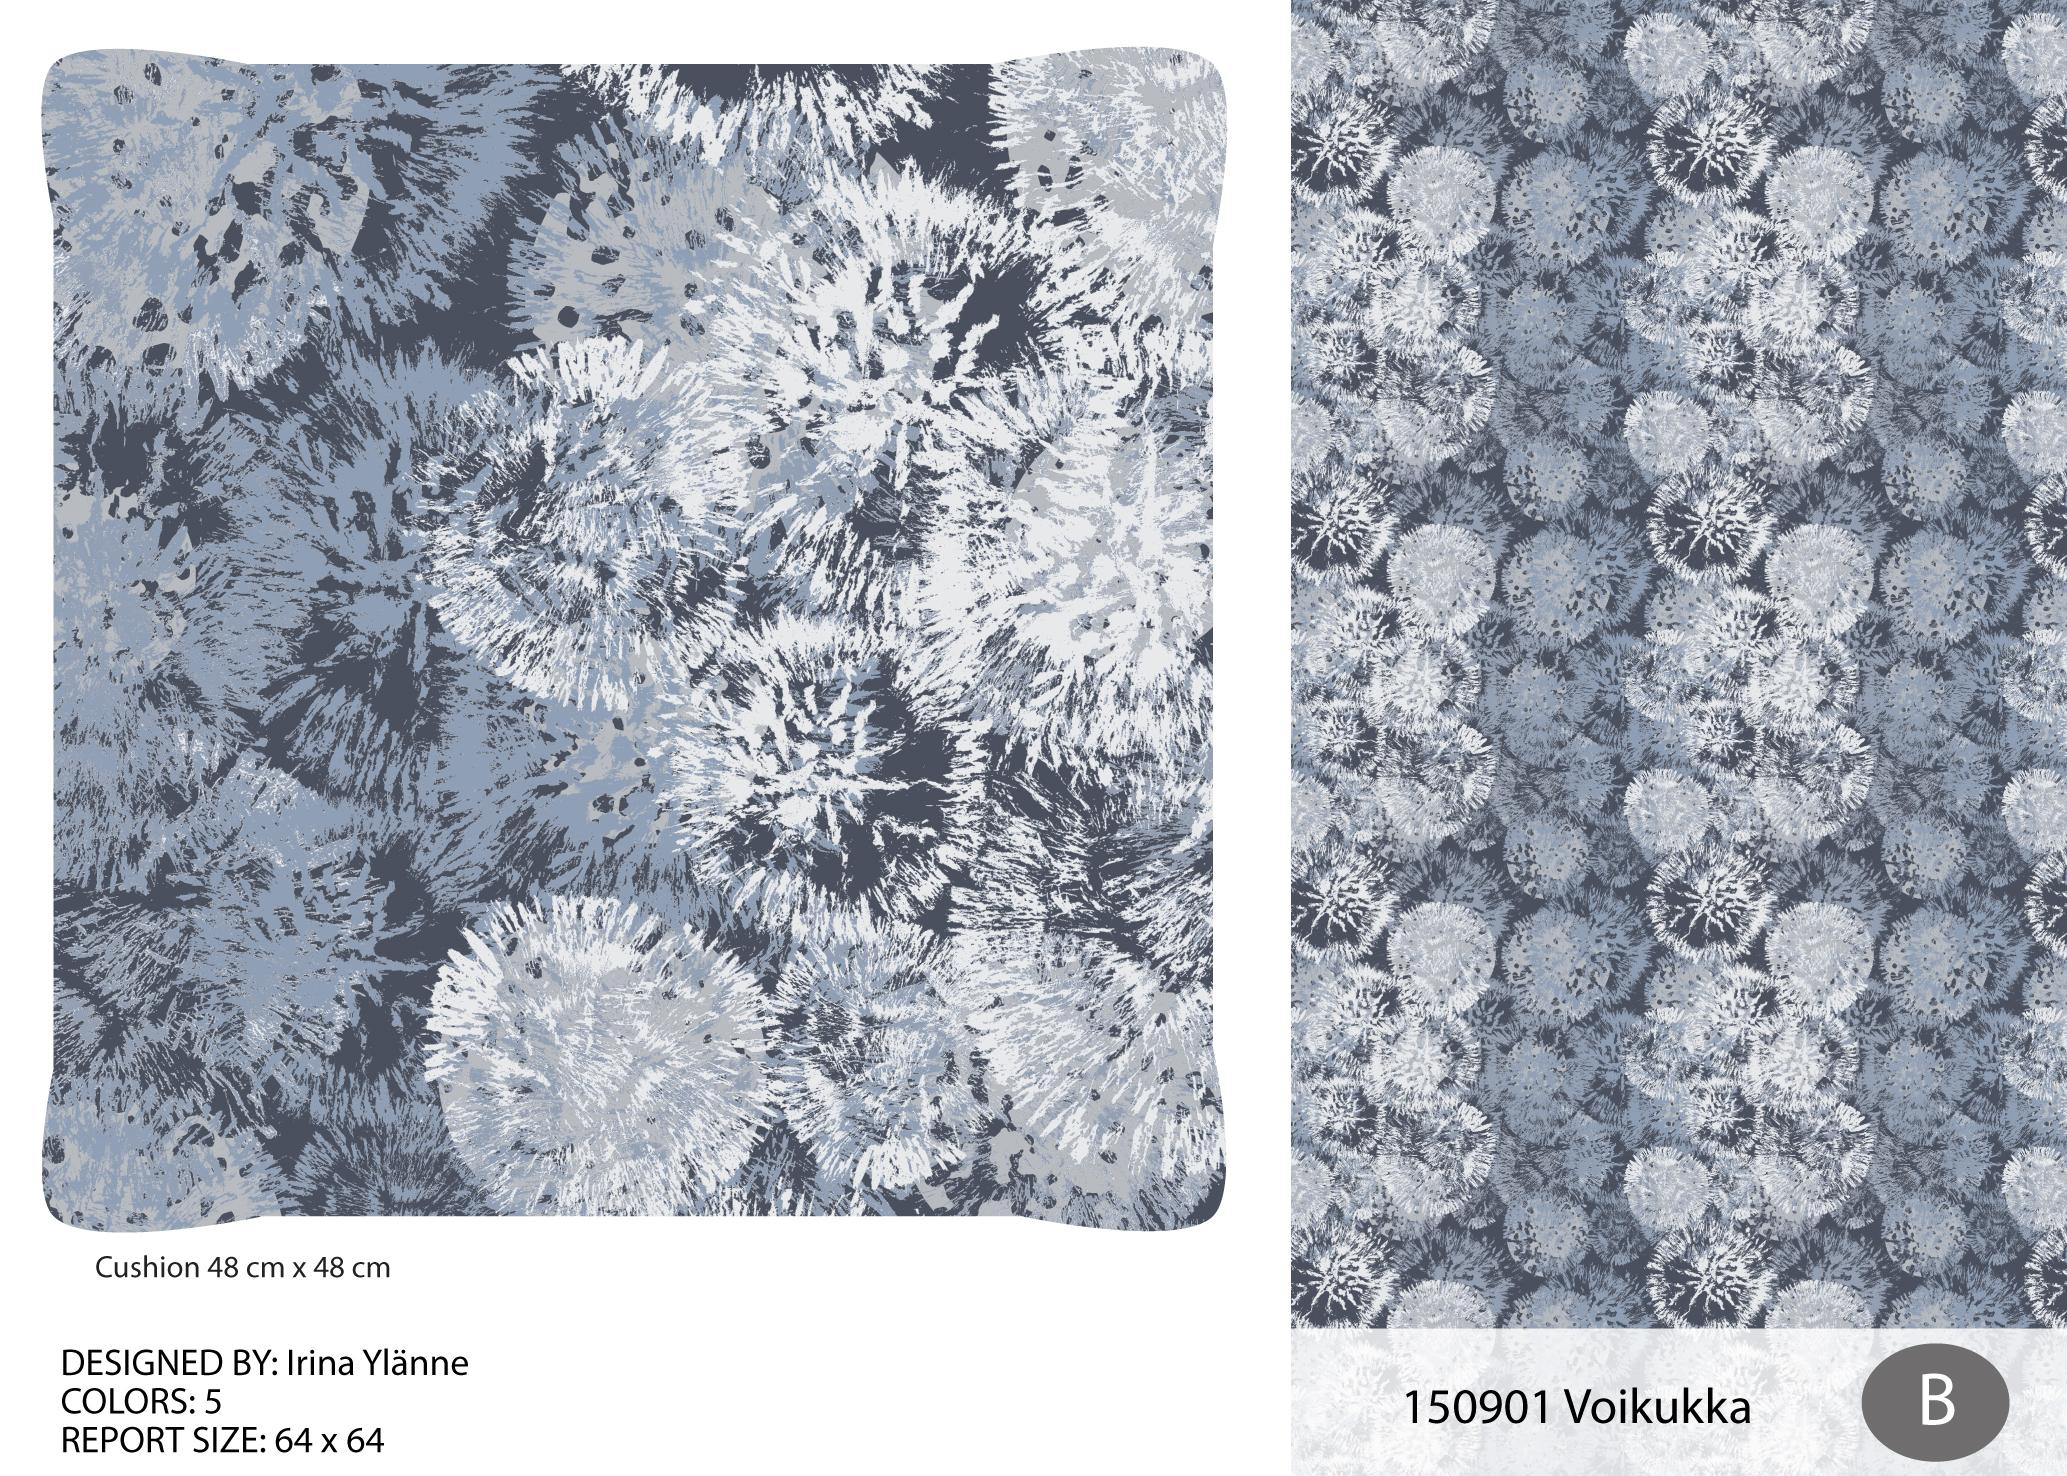 irina_150901 Voikukka-02